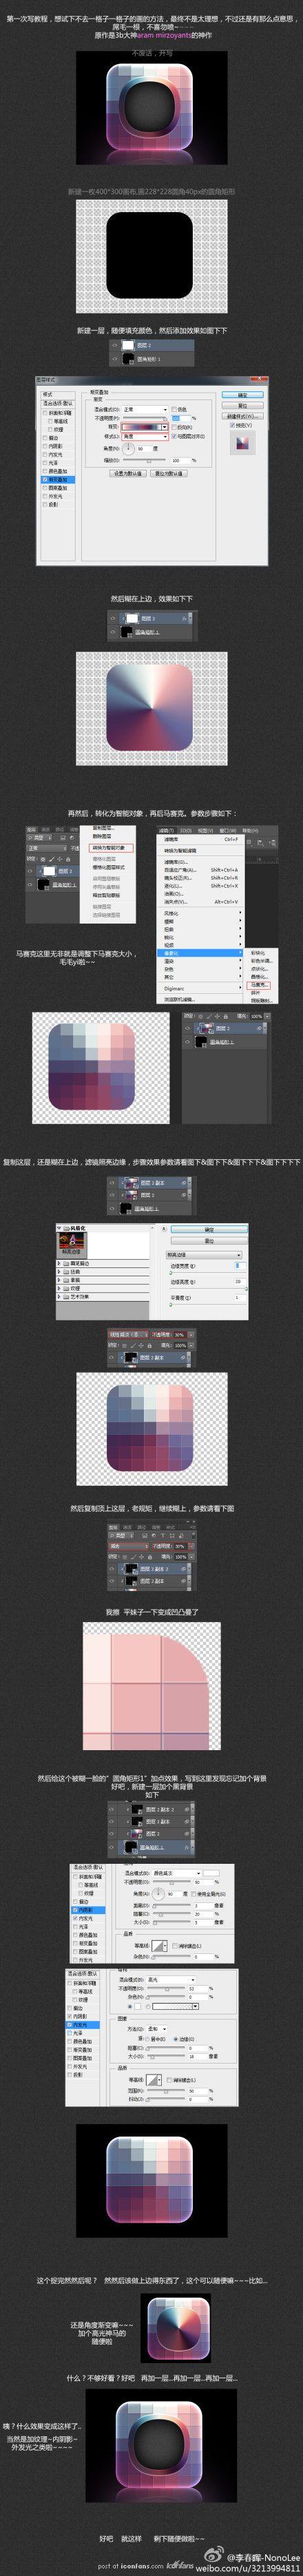 渐变马赛克icon烂教程一枚,相机教材 - 终BOSS采集到软件 - 花瓣